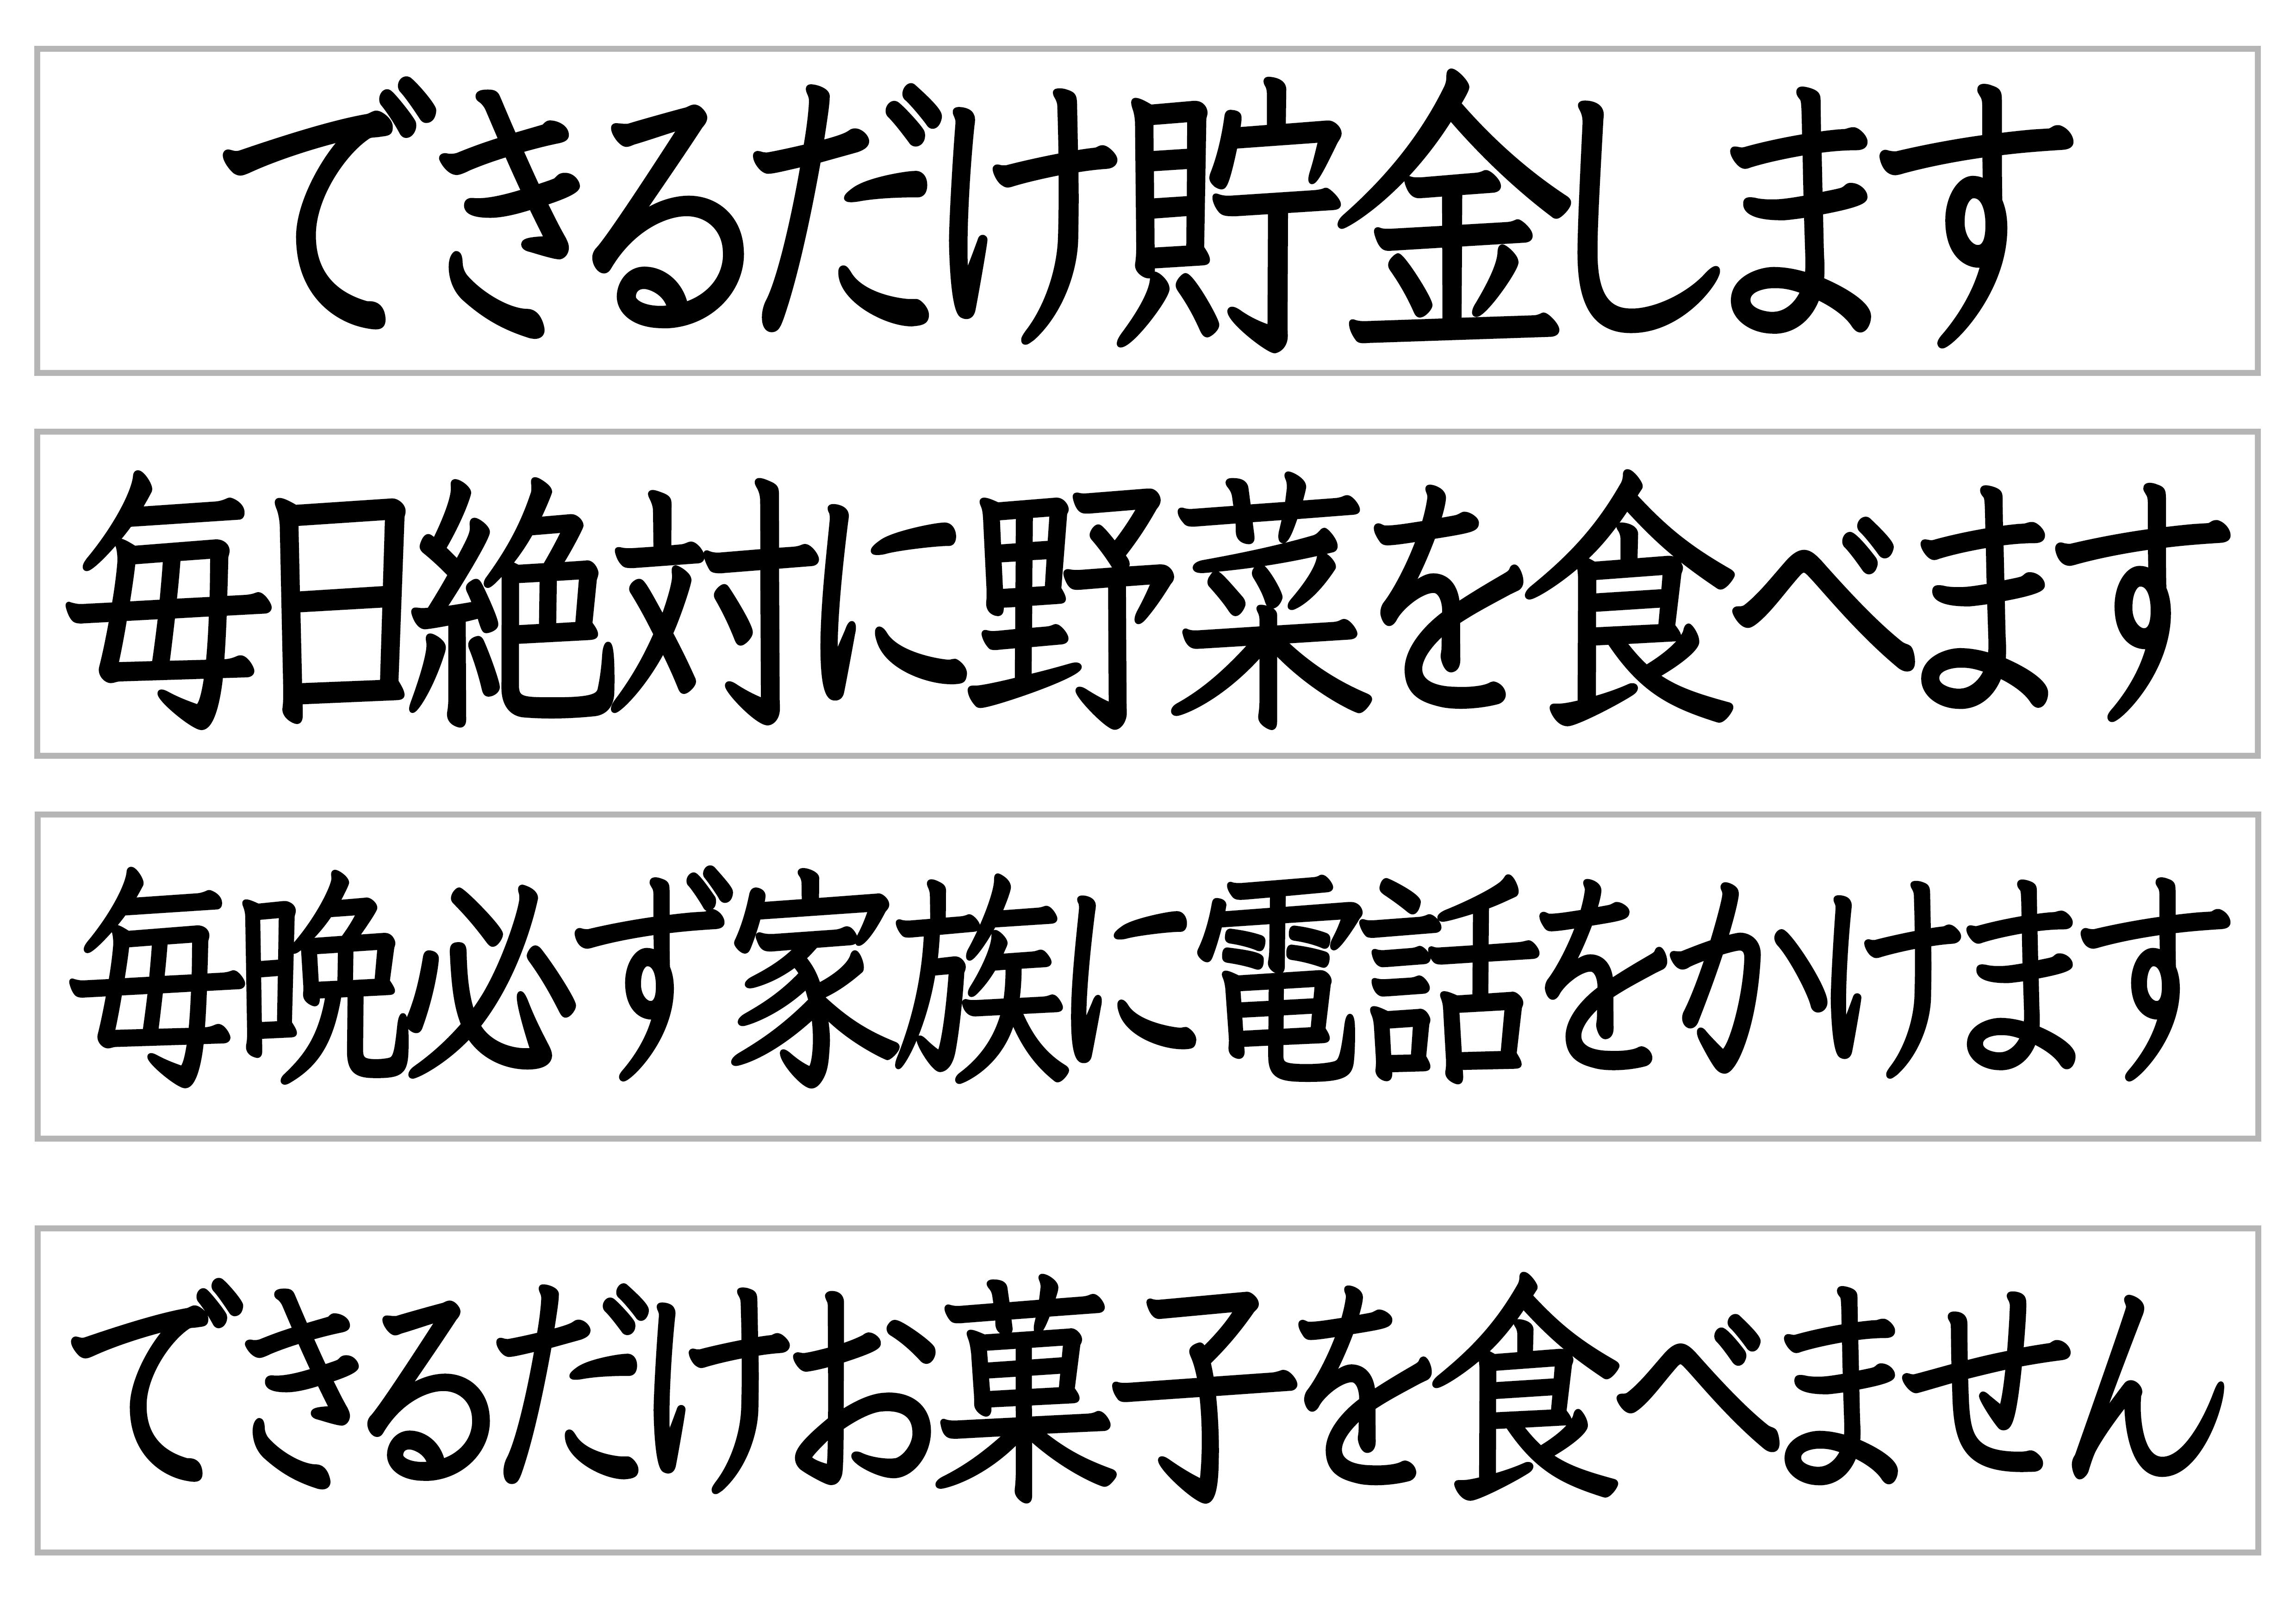 36課文字カード【ように】